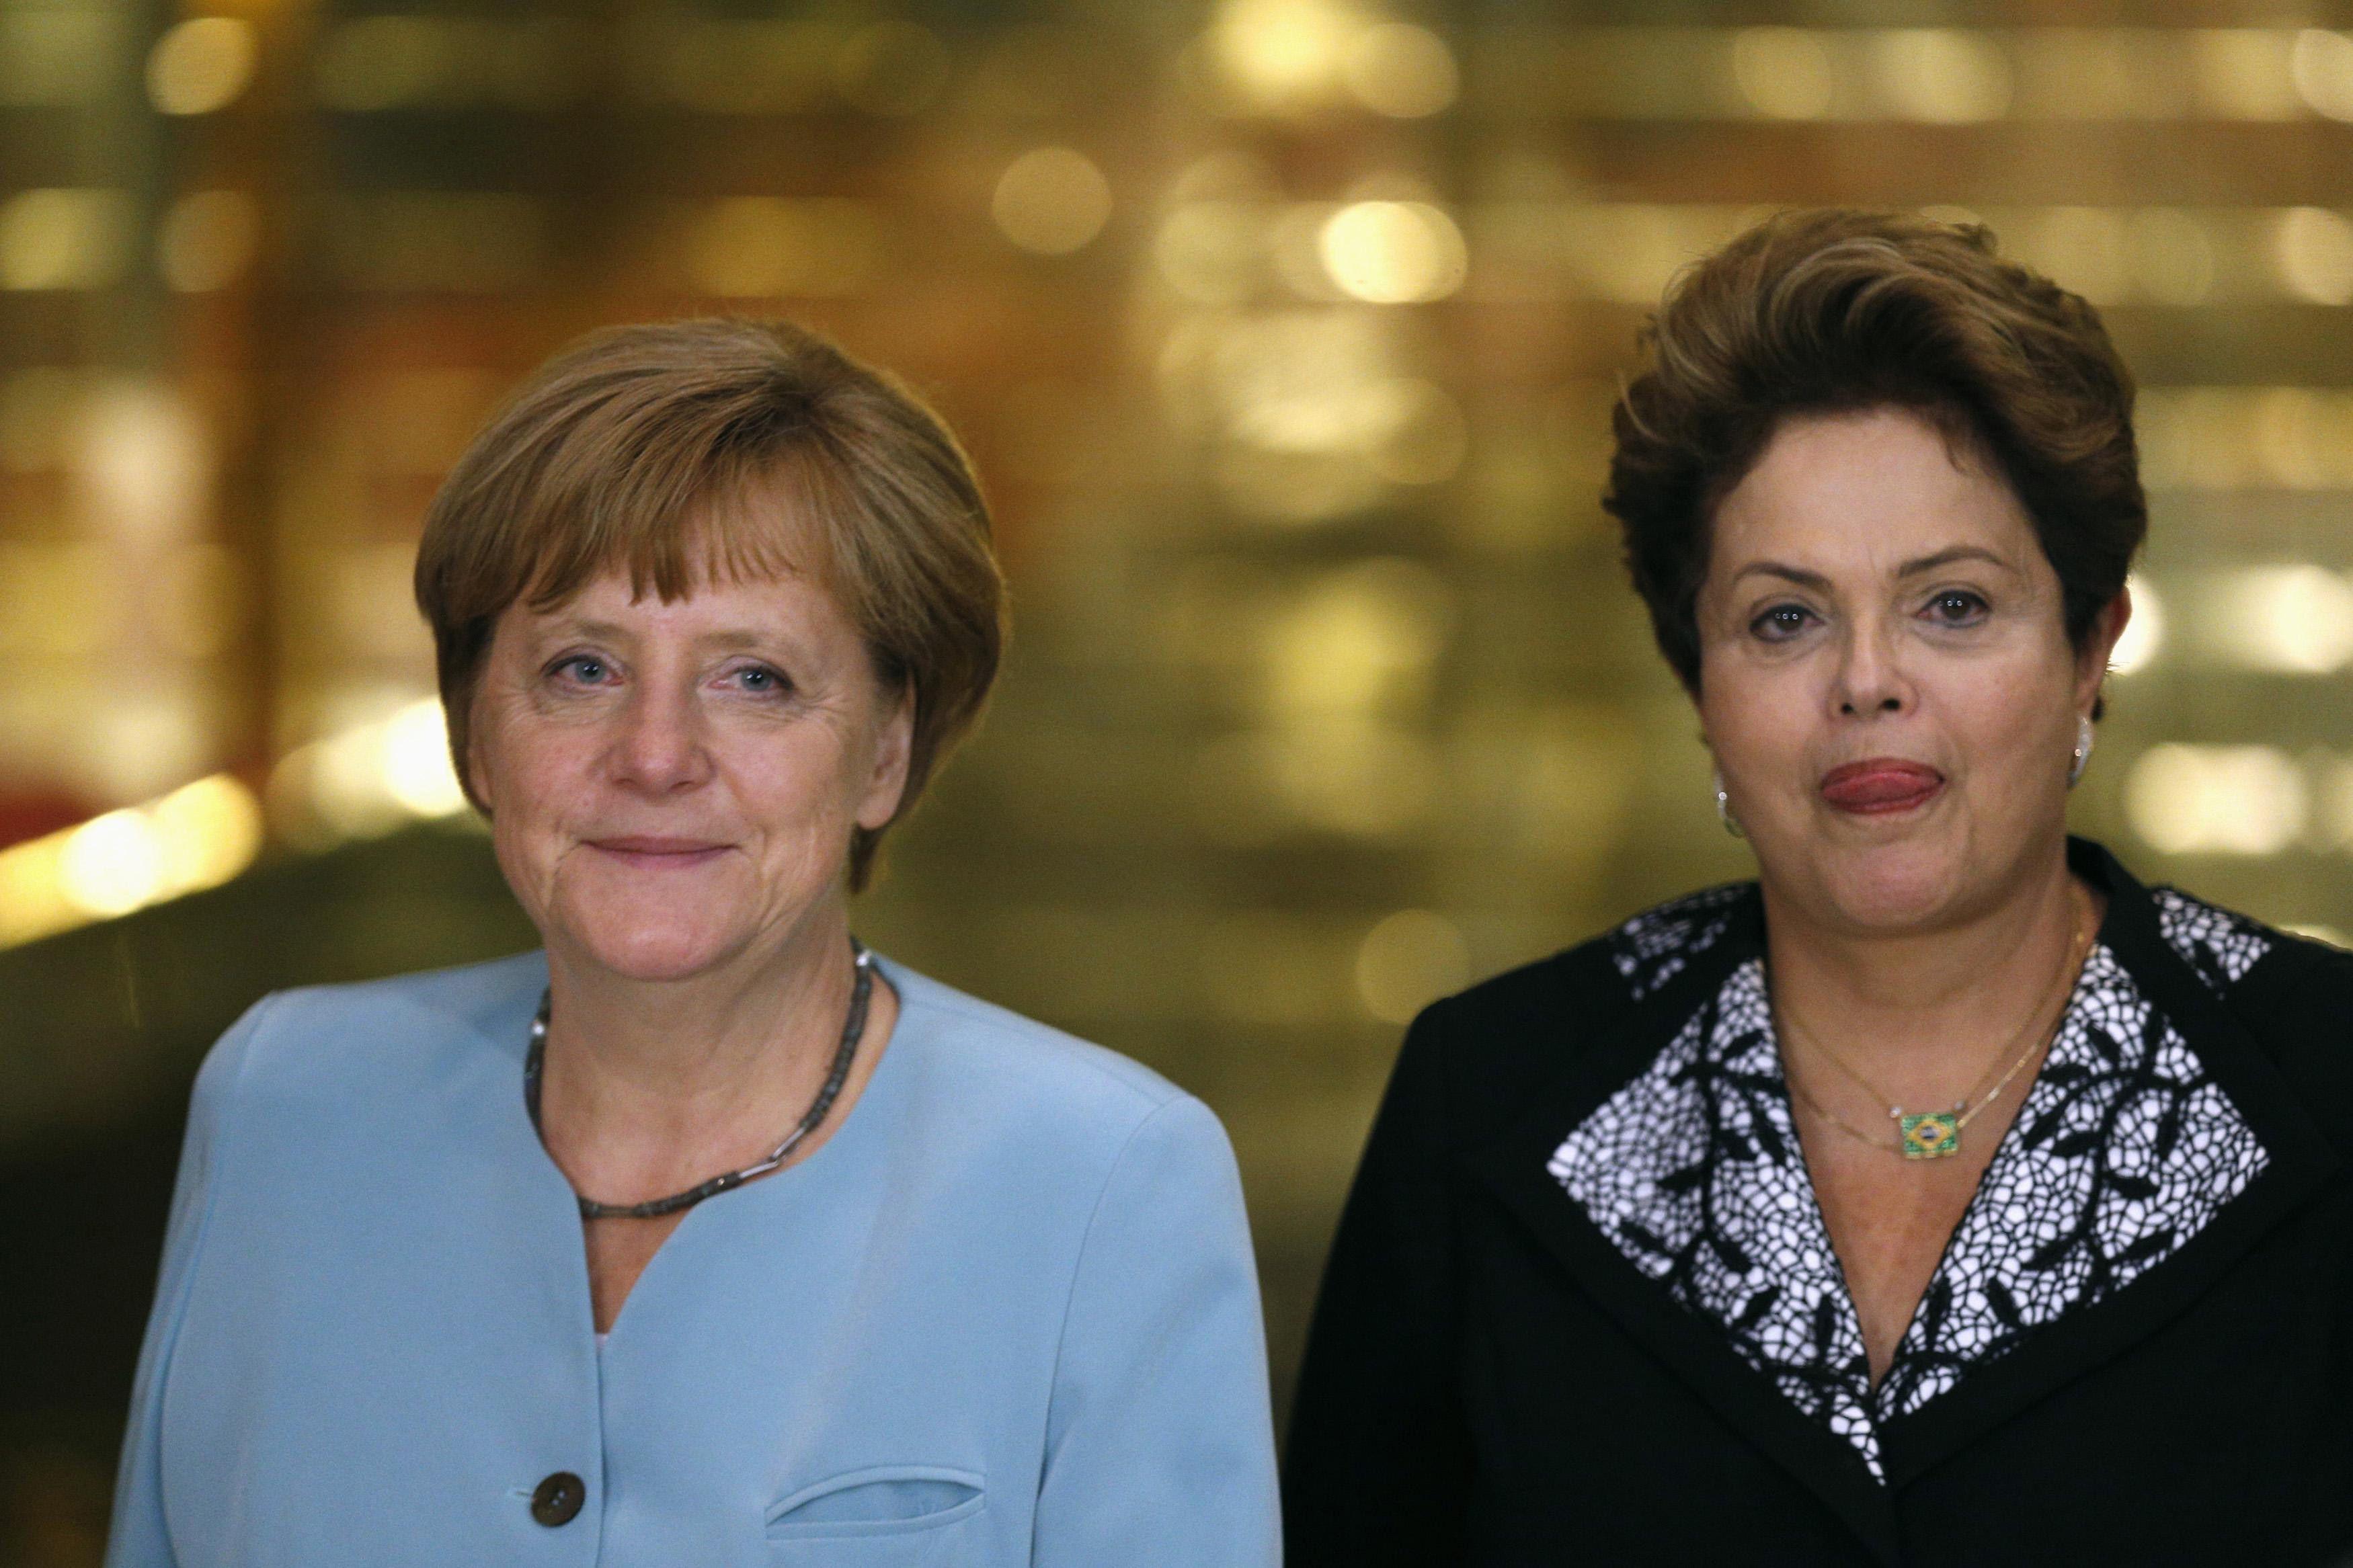 Crucial visita. La presidenta Rousseff ya recibió a Angela Merkel en junio de 2014